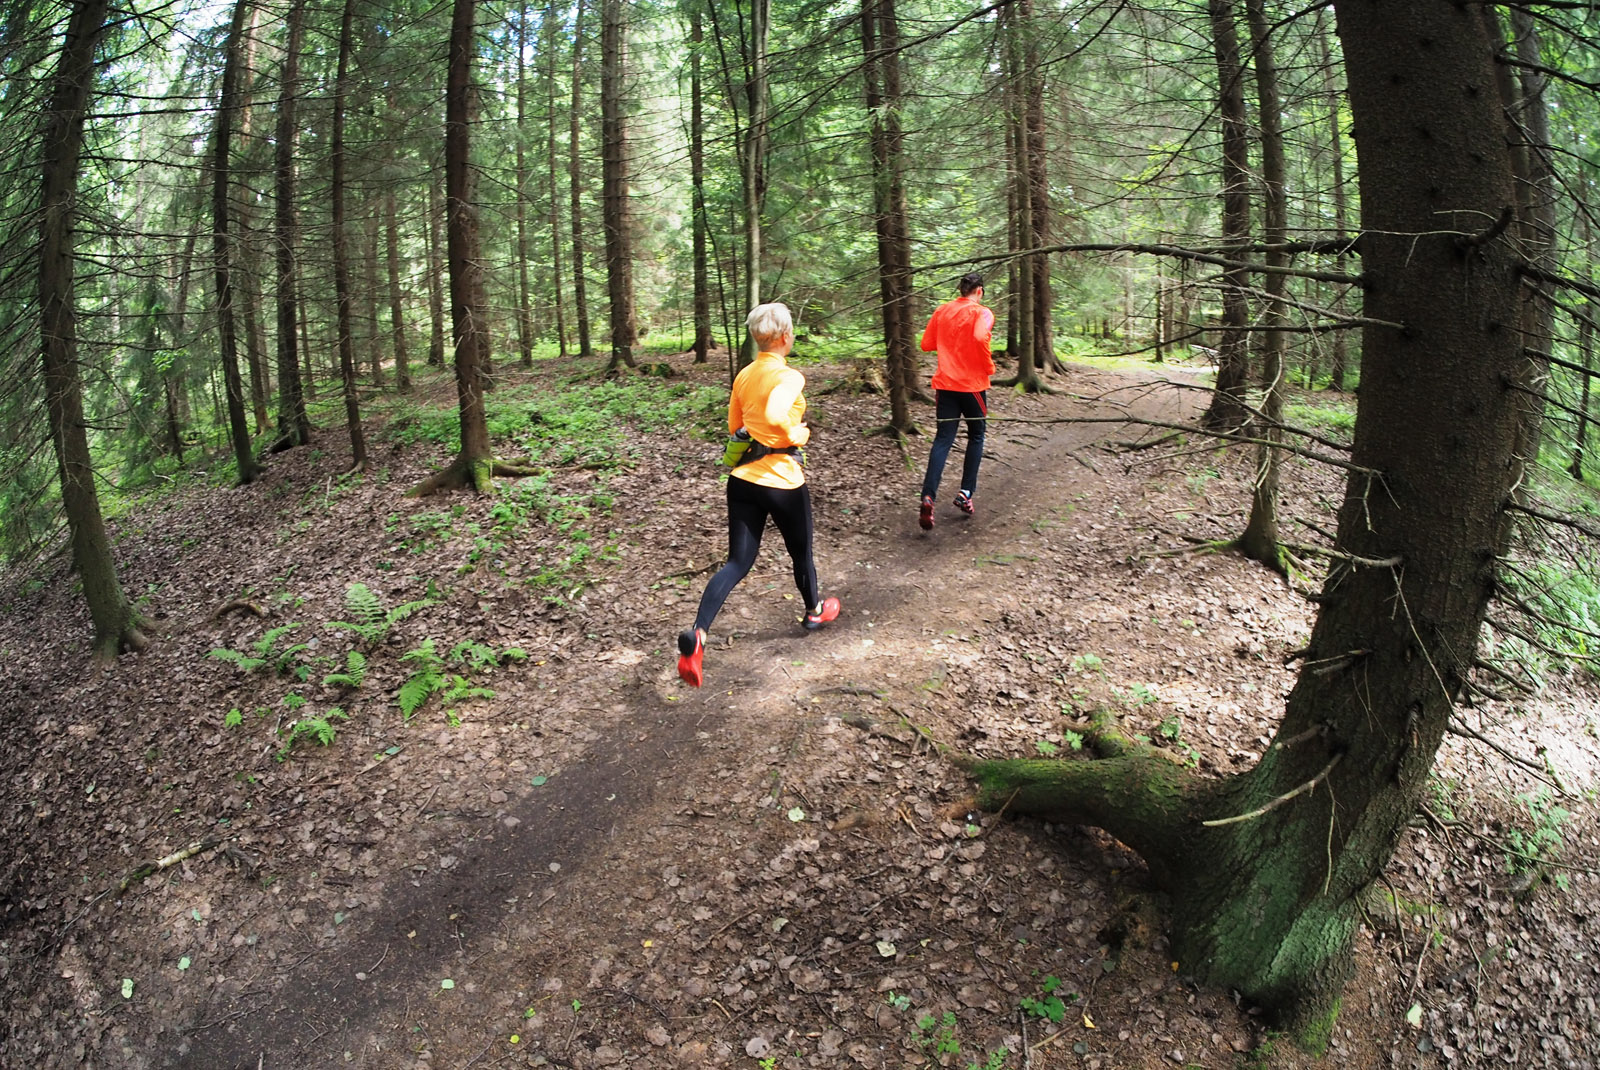 Polkujuoksukausi huipentuu Olympiastadionilla 17.10. | Trailrunning.fi